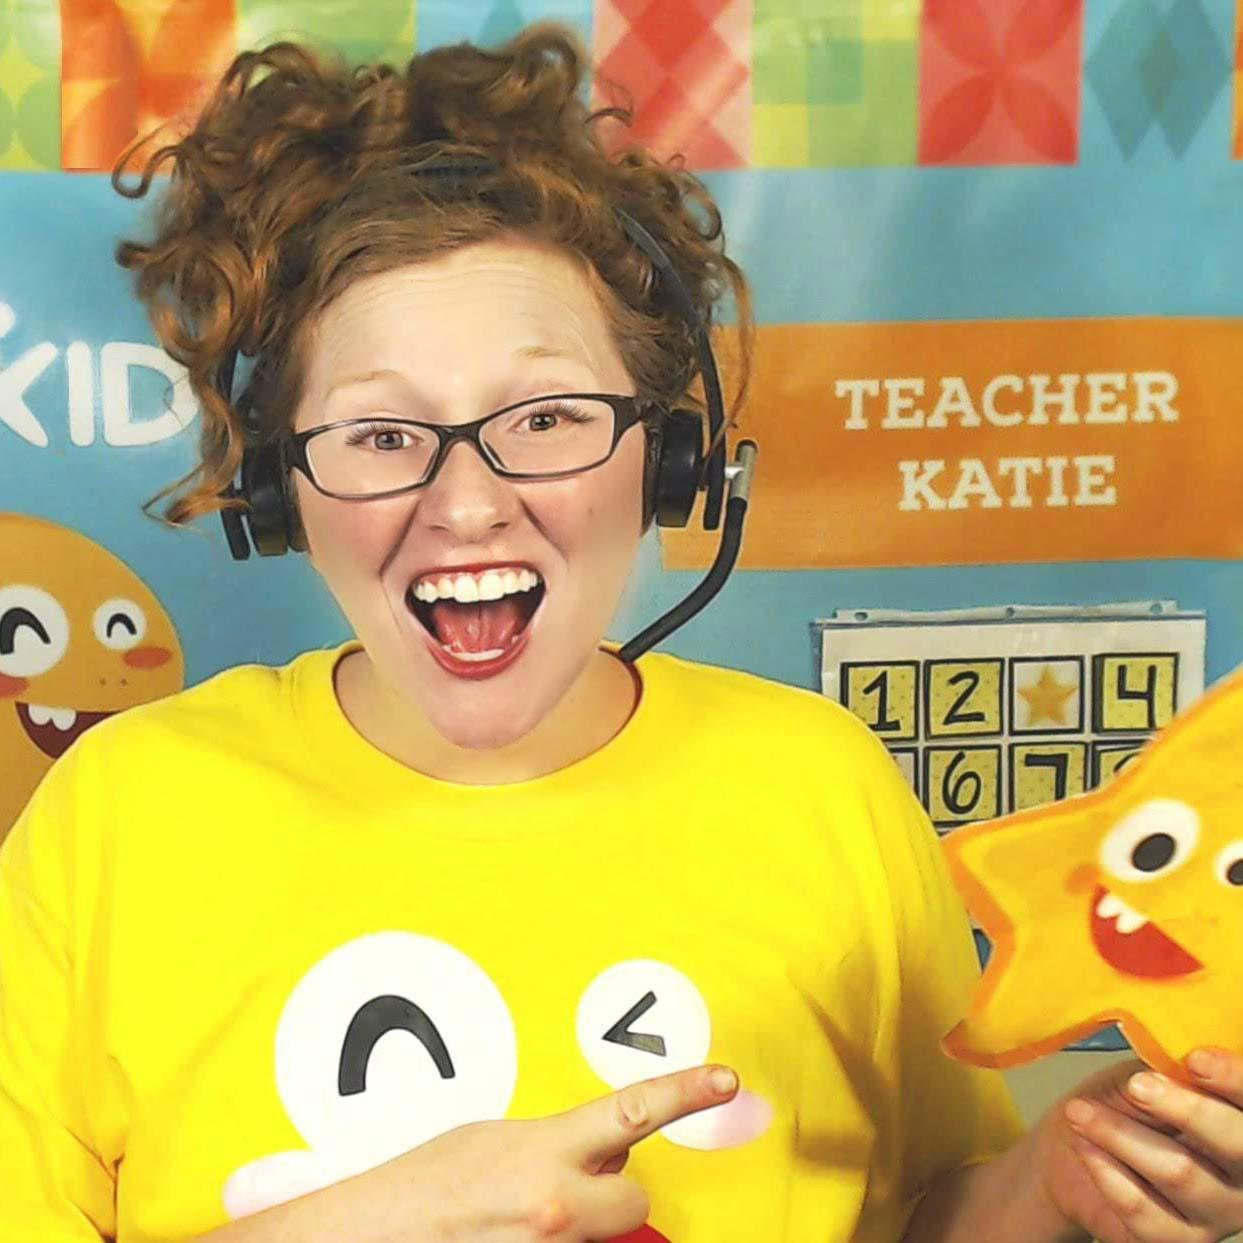 Katie Knoell